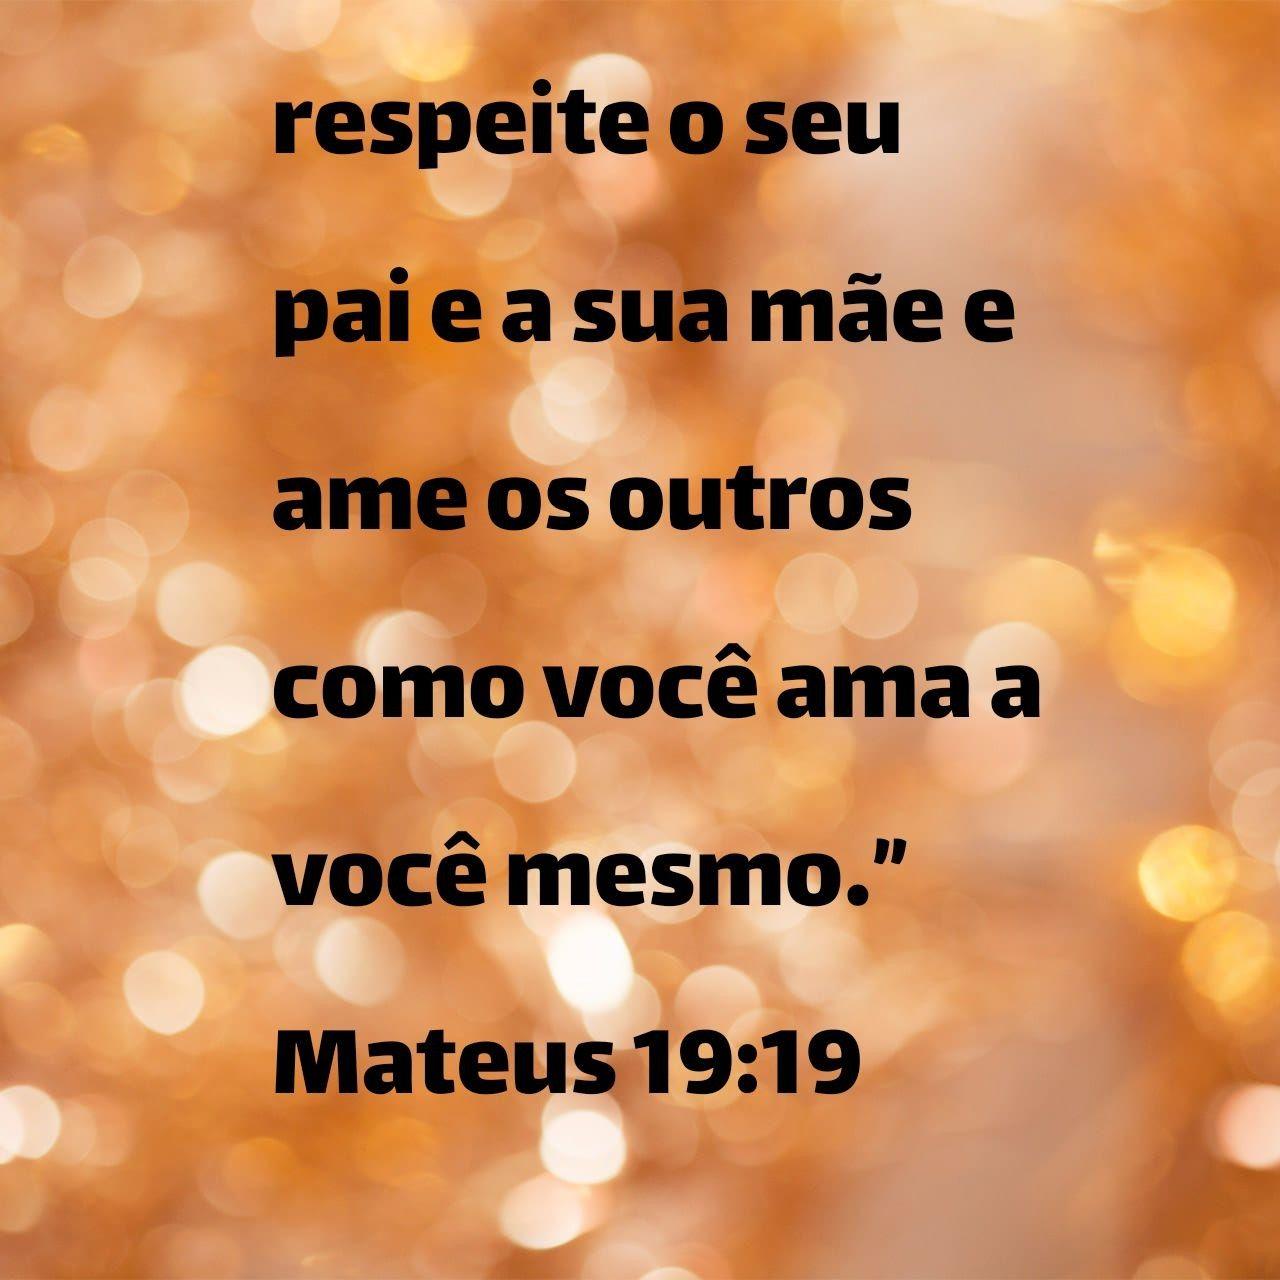 Pin De Mara Regina Santos Em Versículo Bíblico Frases Inspiracionais Versículos Bíblicos Amar Os Outros